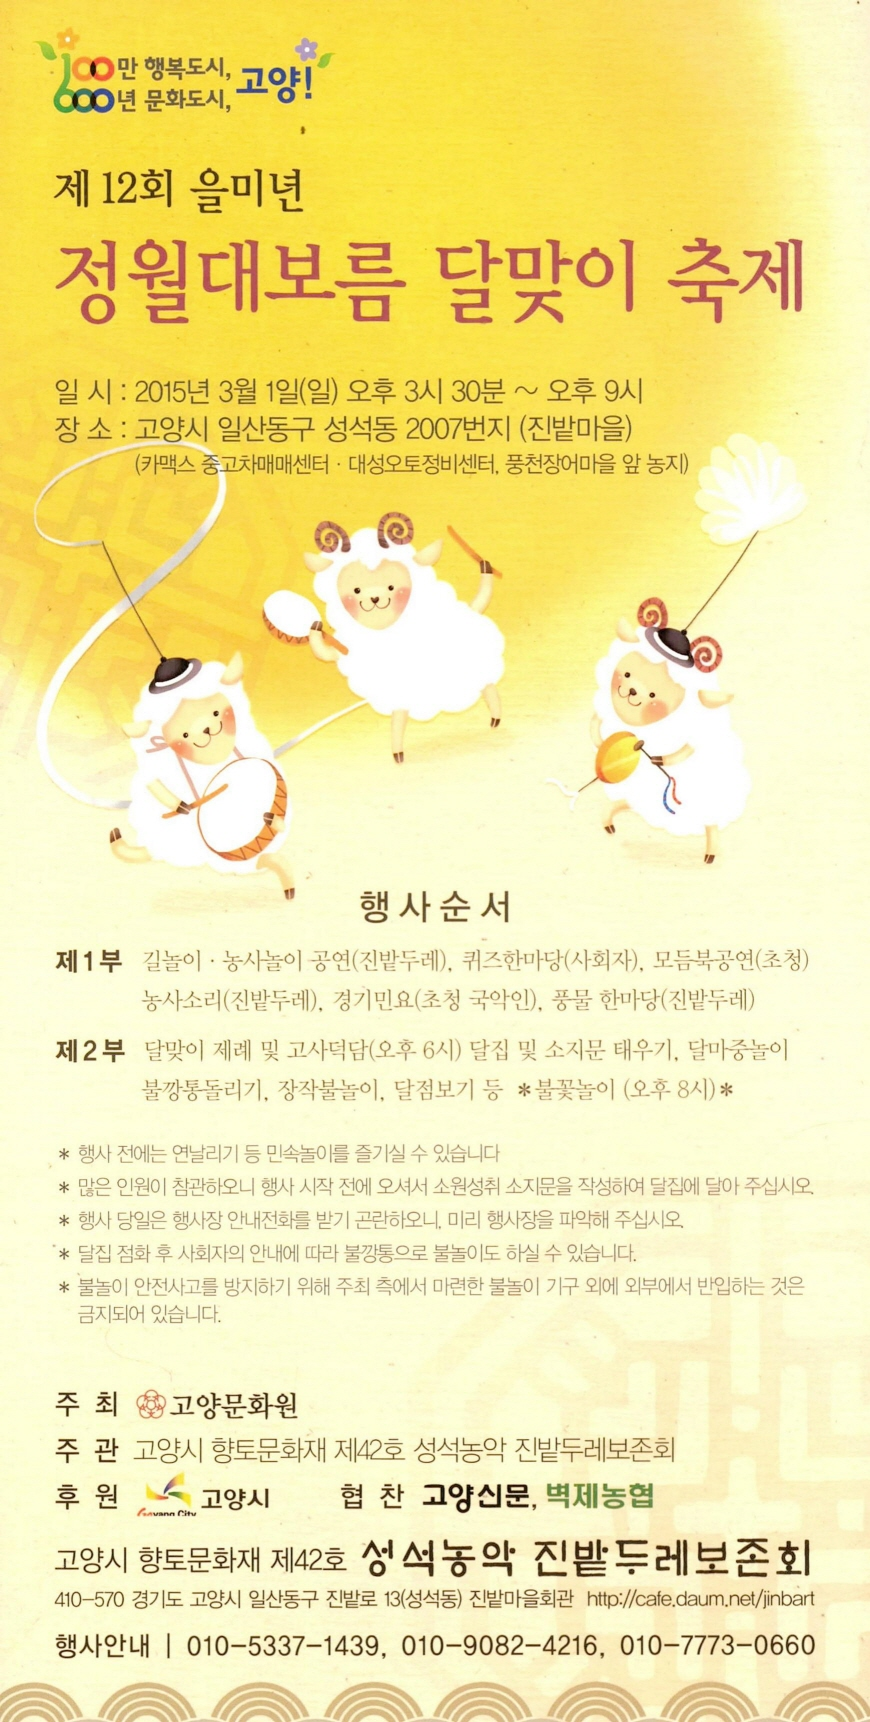 <팜플렛> 제12회 을미년 정월대보름 달맞이 축제